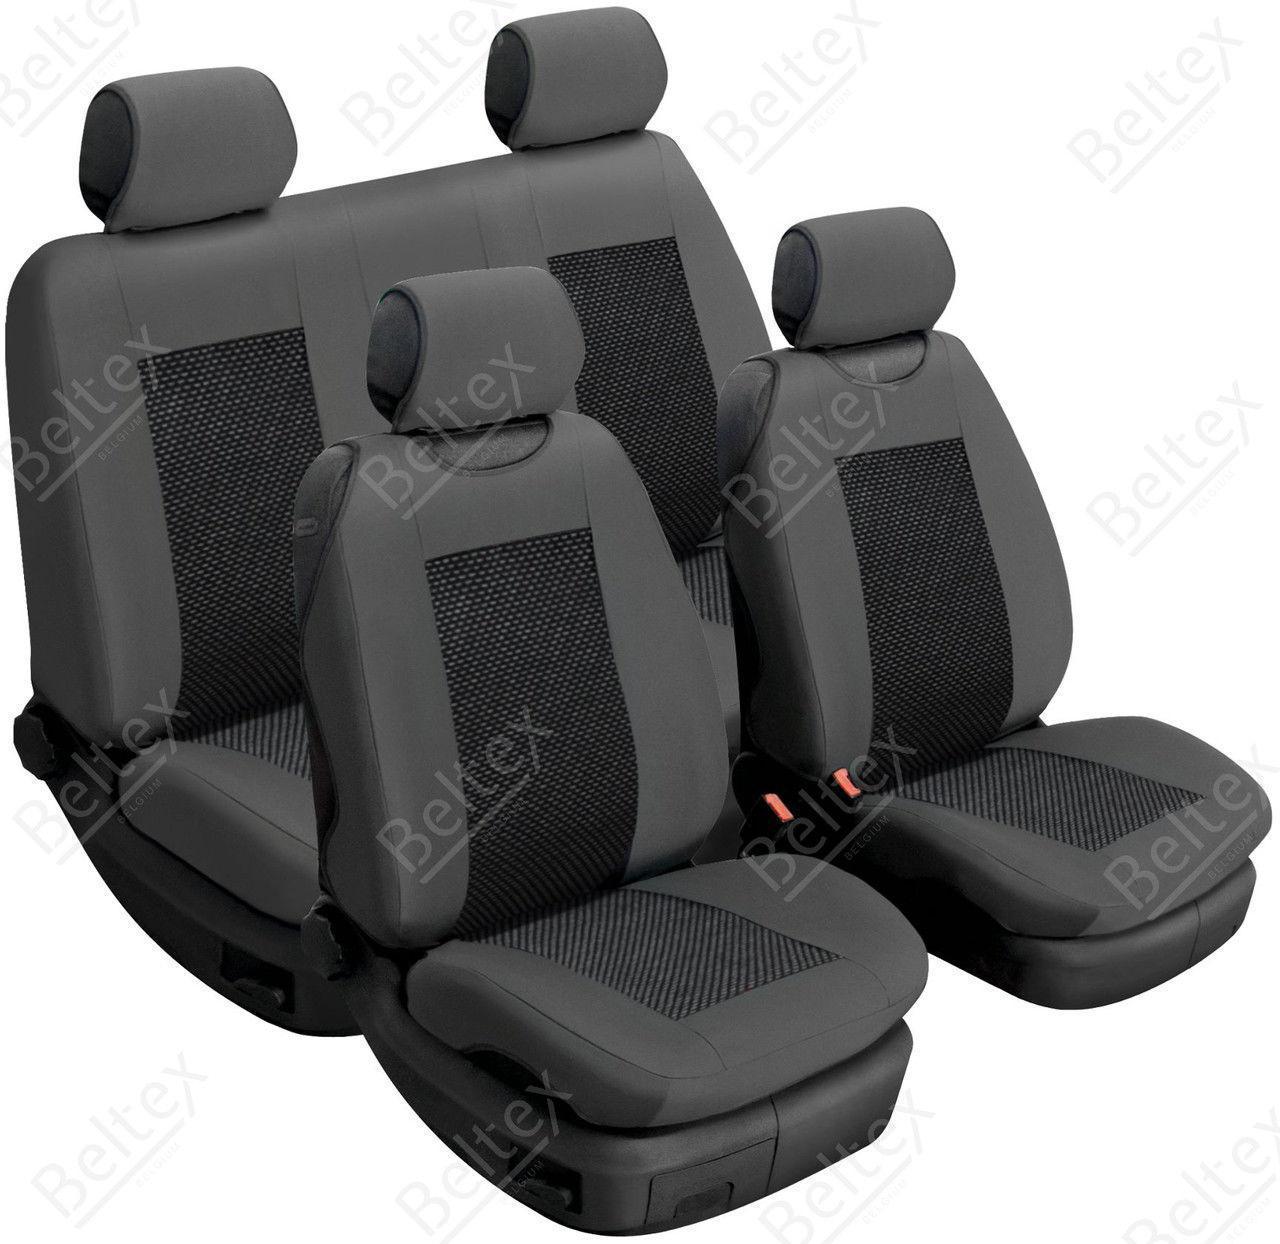 Майки/чехлы на сиденья Ситроен С3 ДС3 (Citroen С3 DS3)